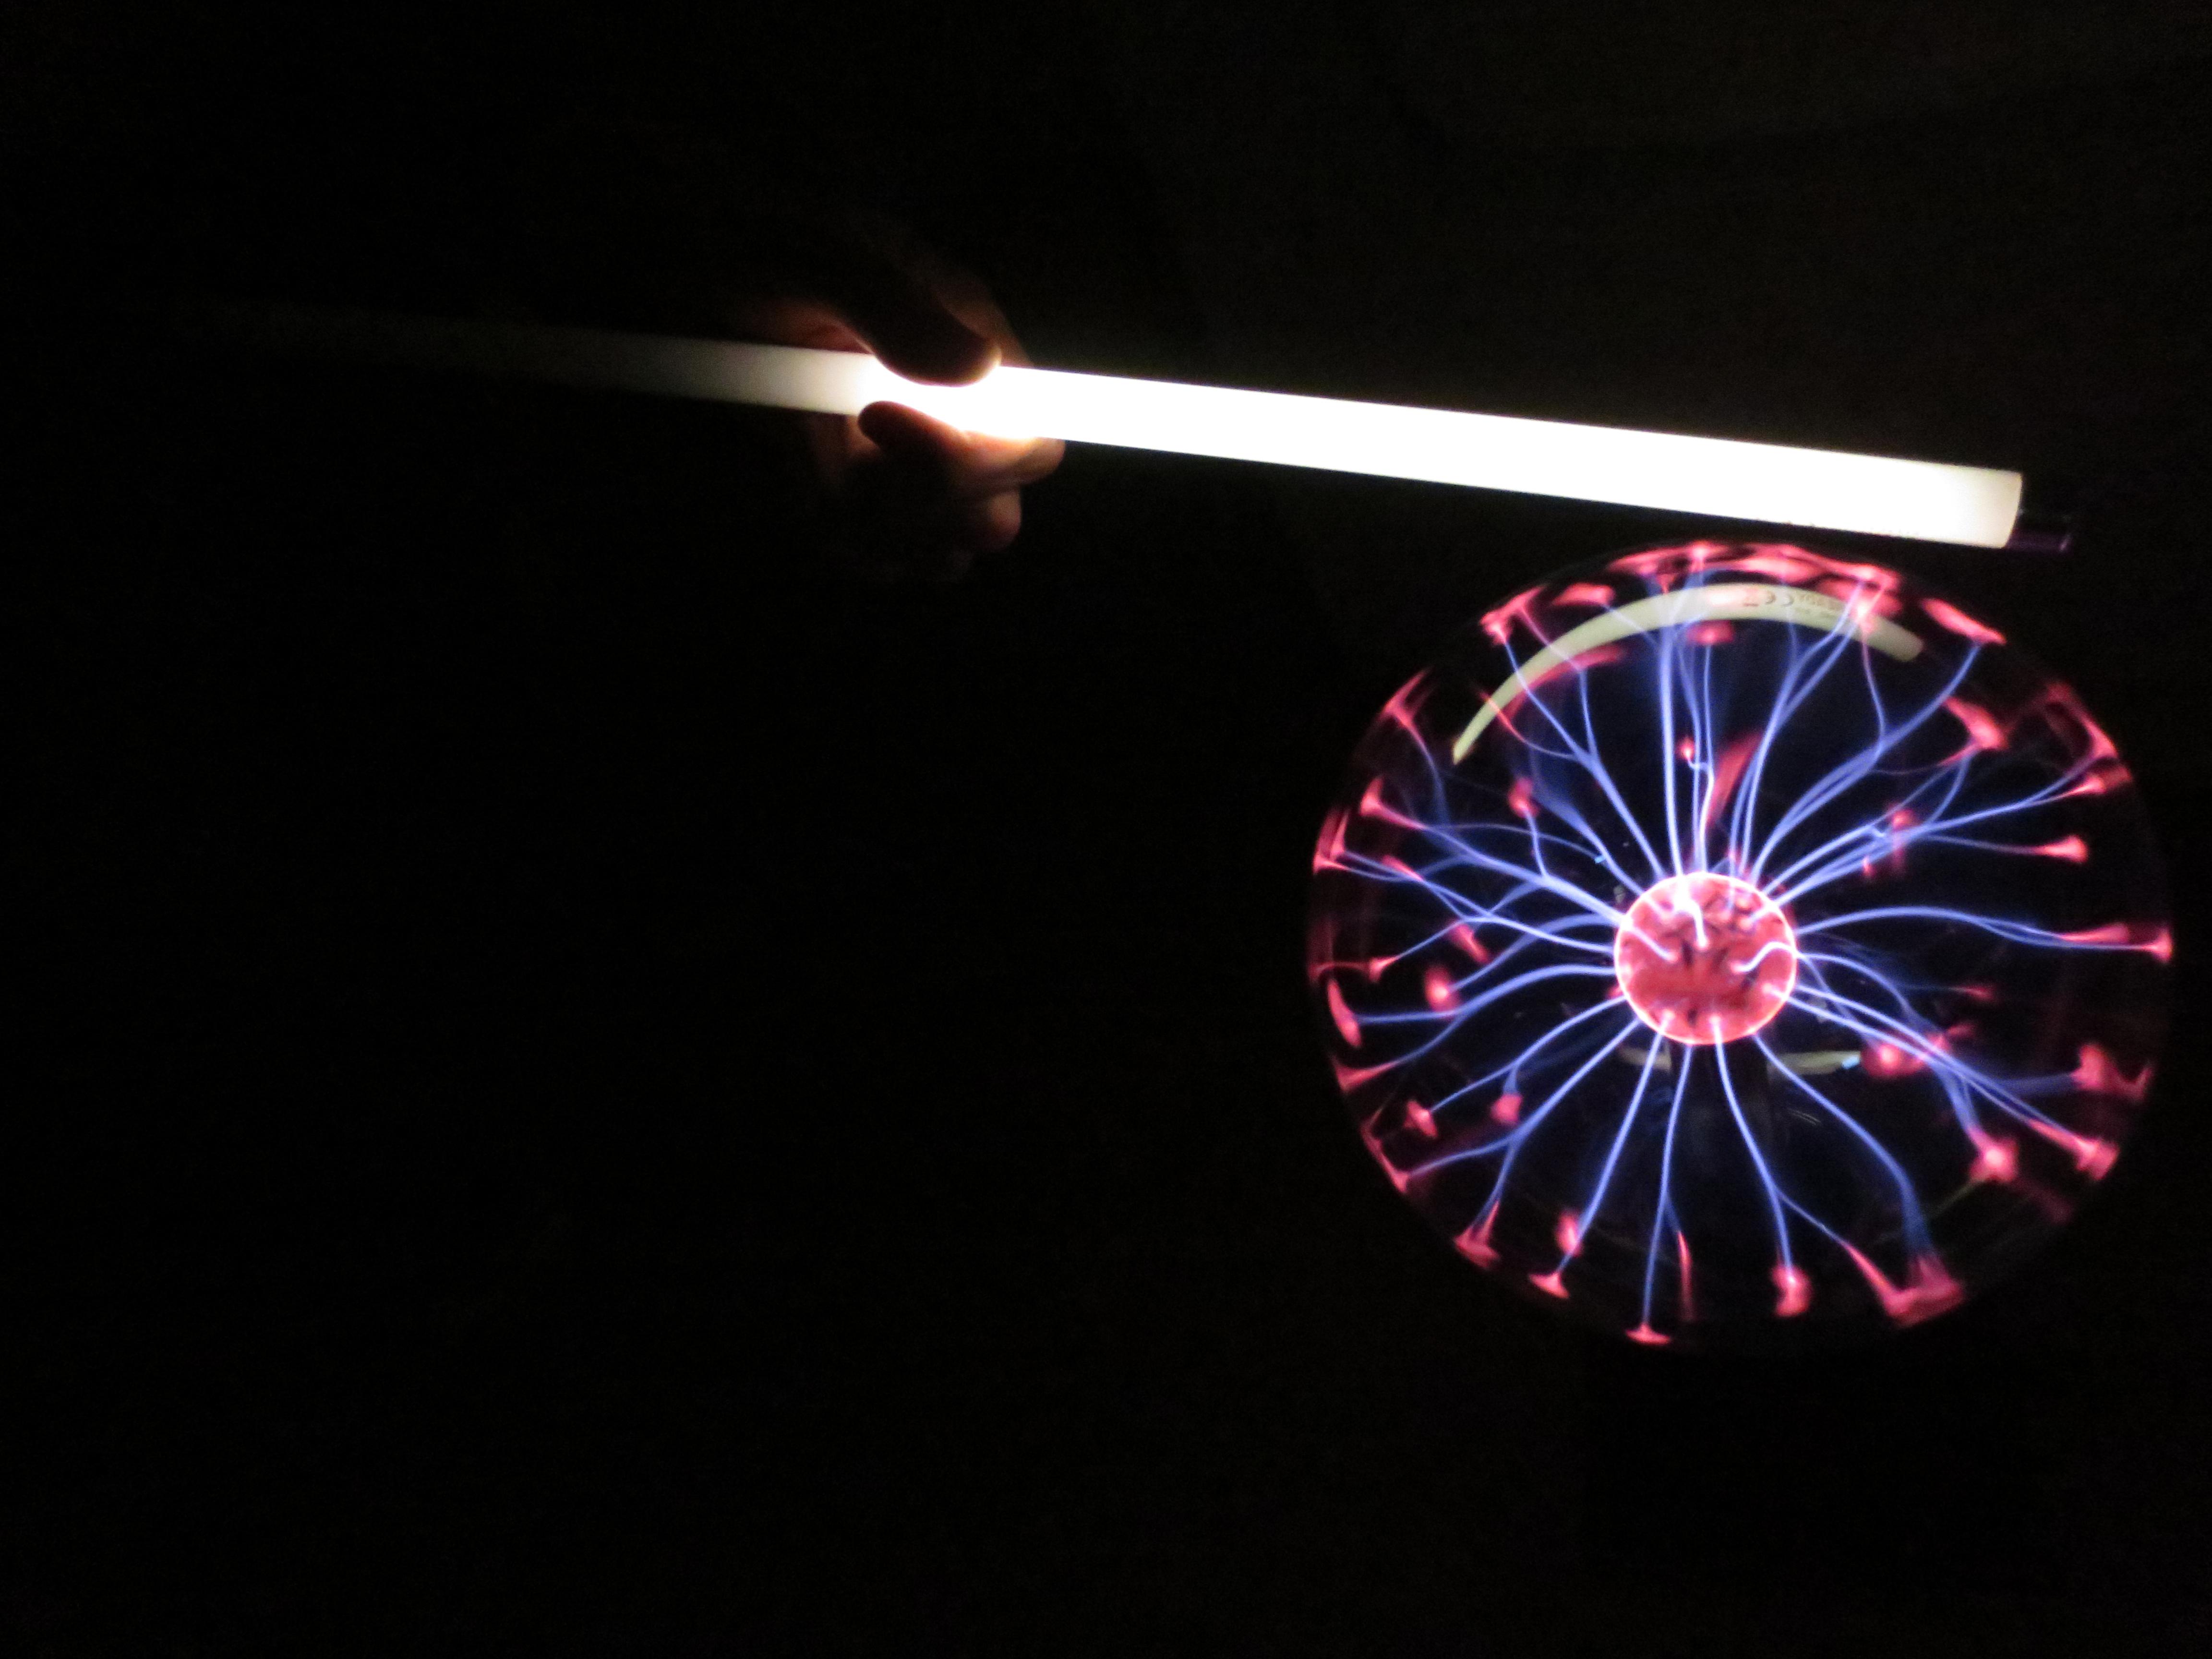 Plasma ball fun9